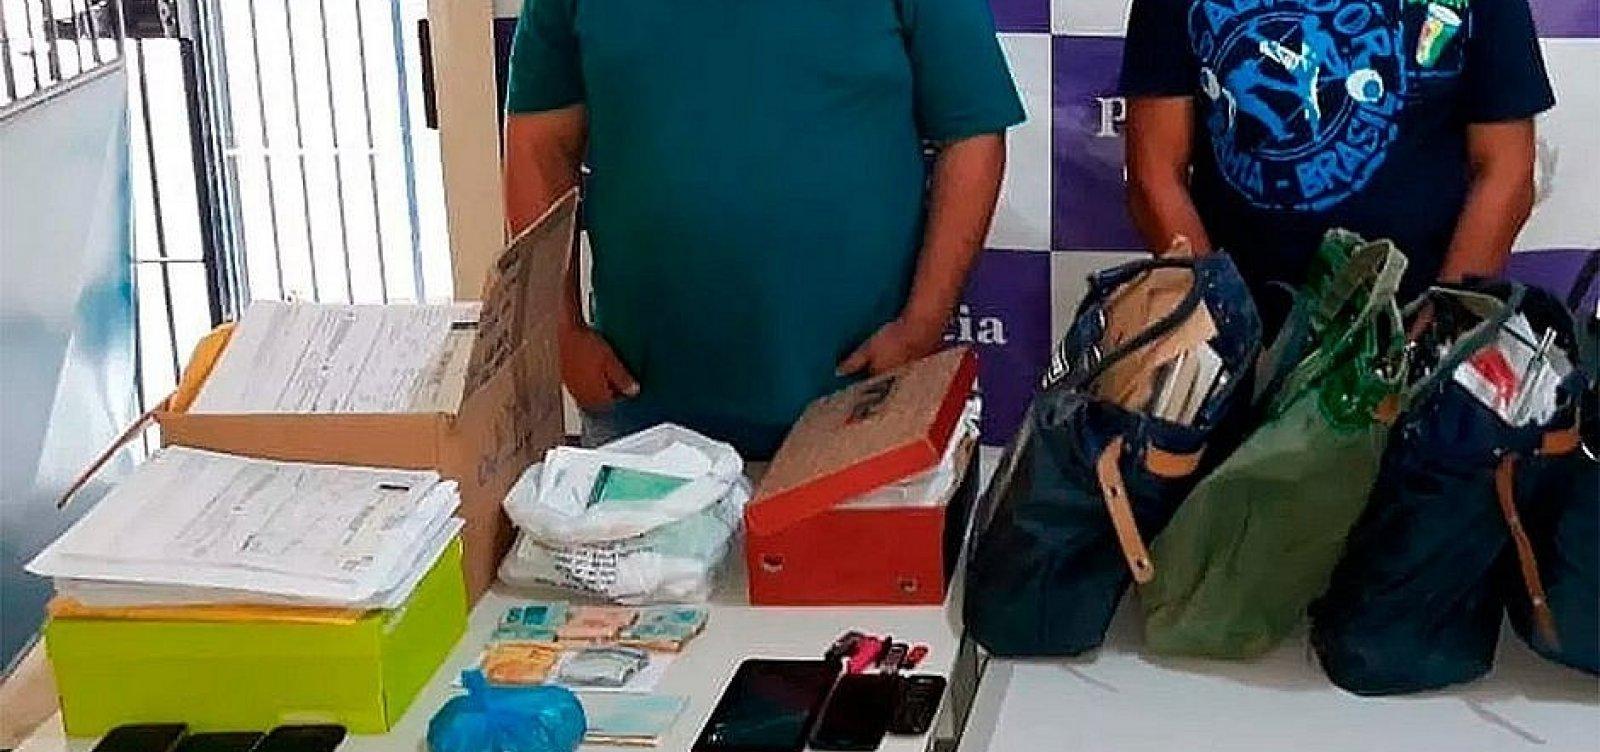 Detran exonera funcionários que atuaram em esquema criminoso em Juazeiro